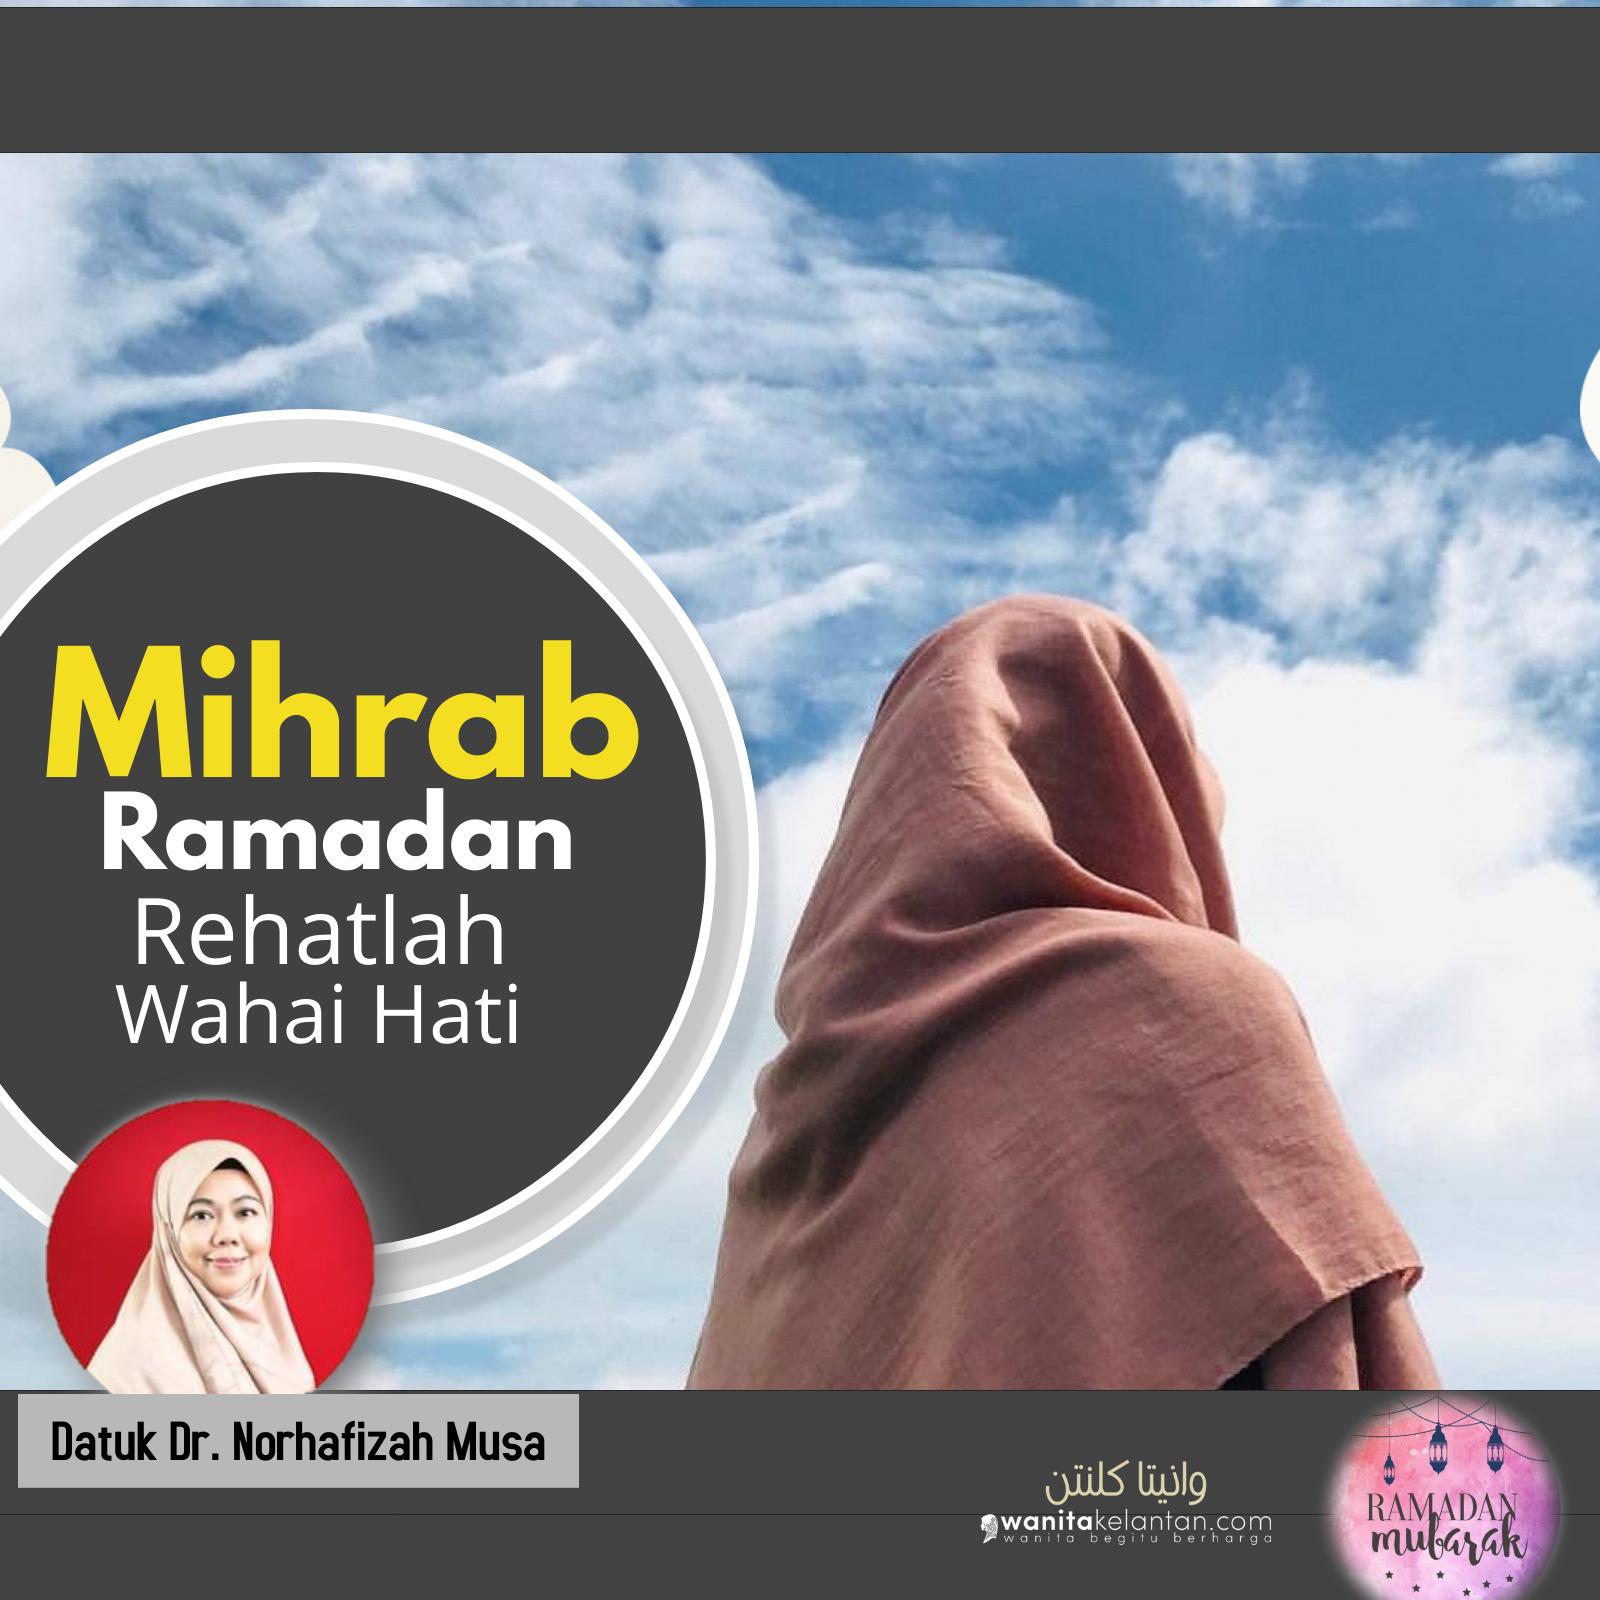 Ramadan: Rehatlah Wahai Hati